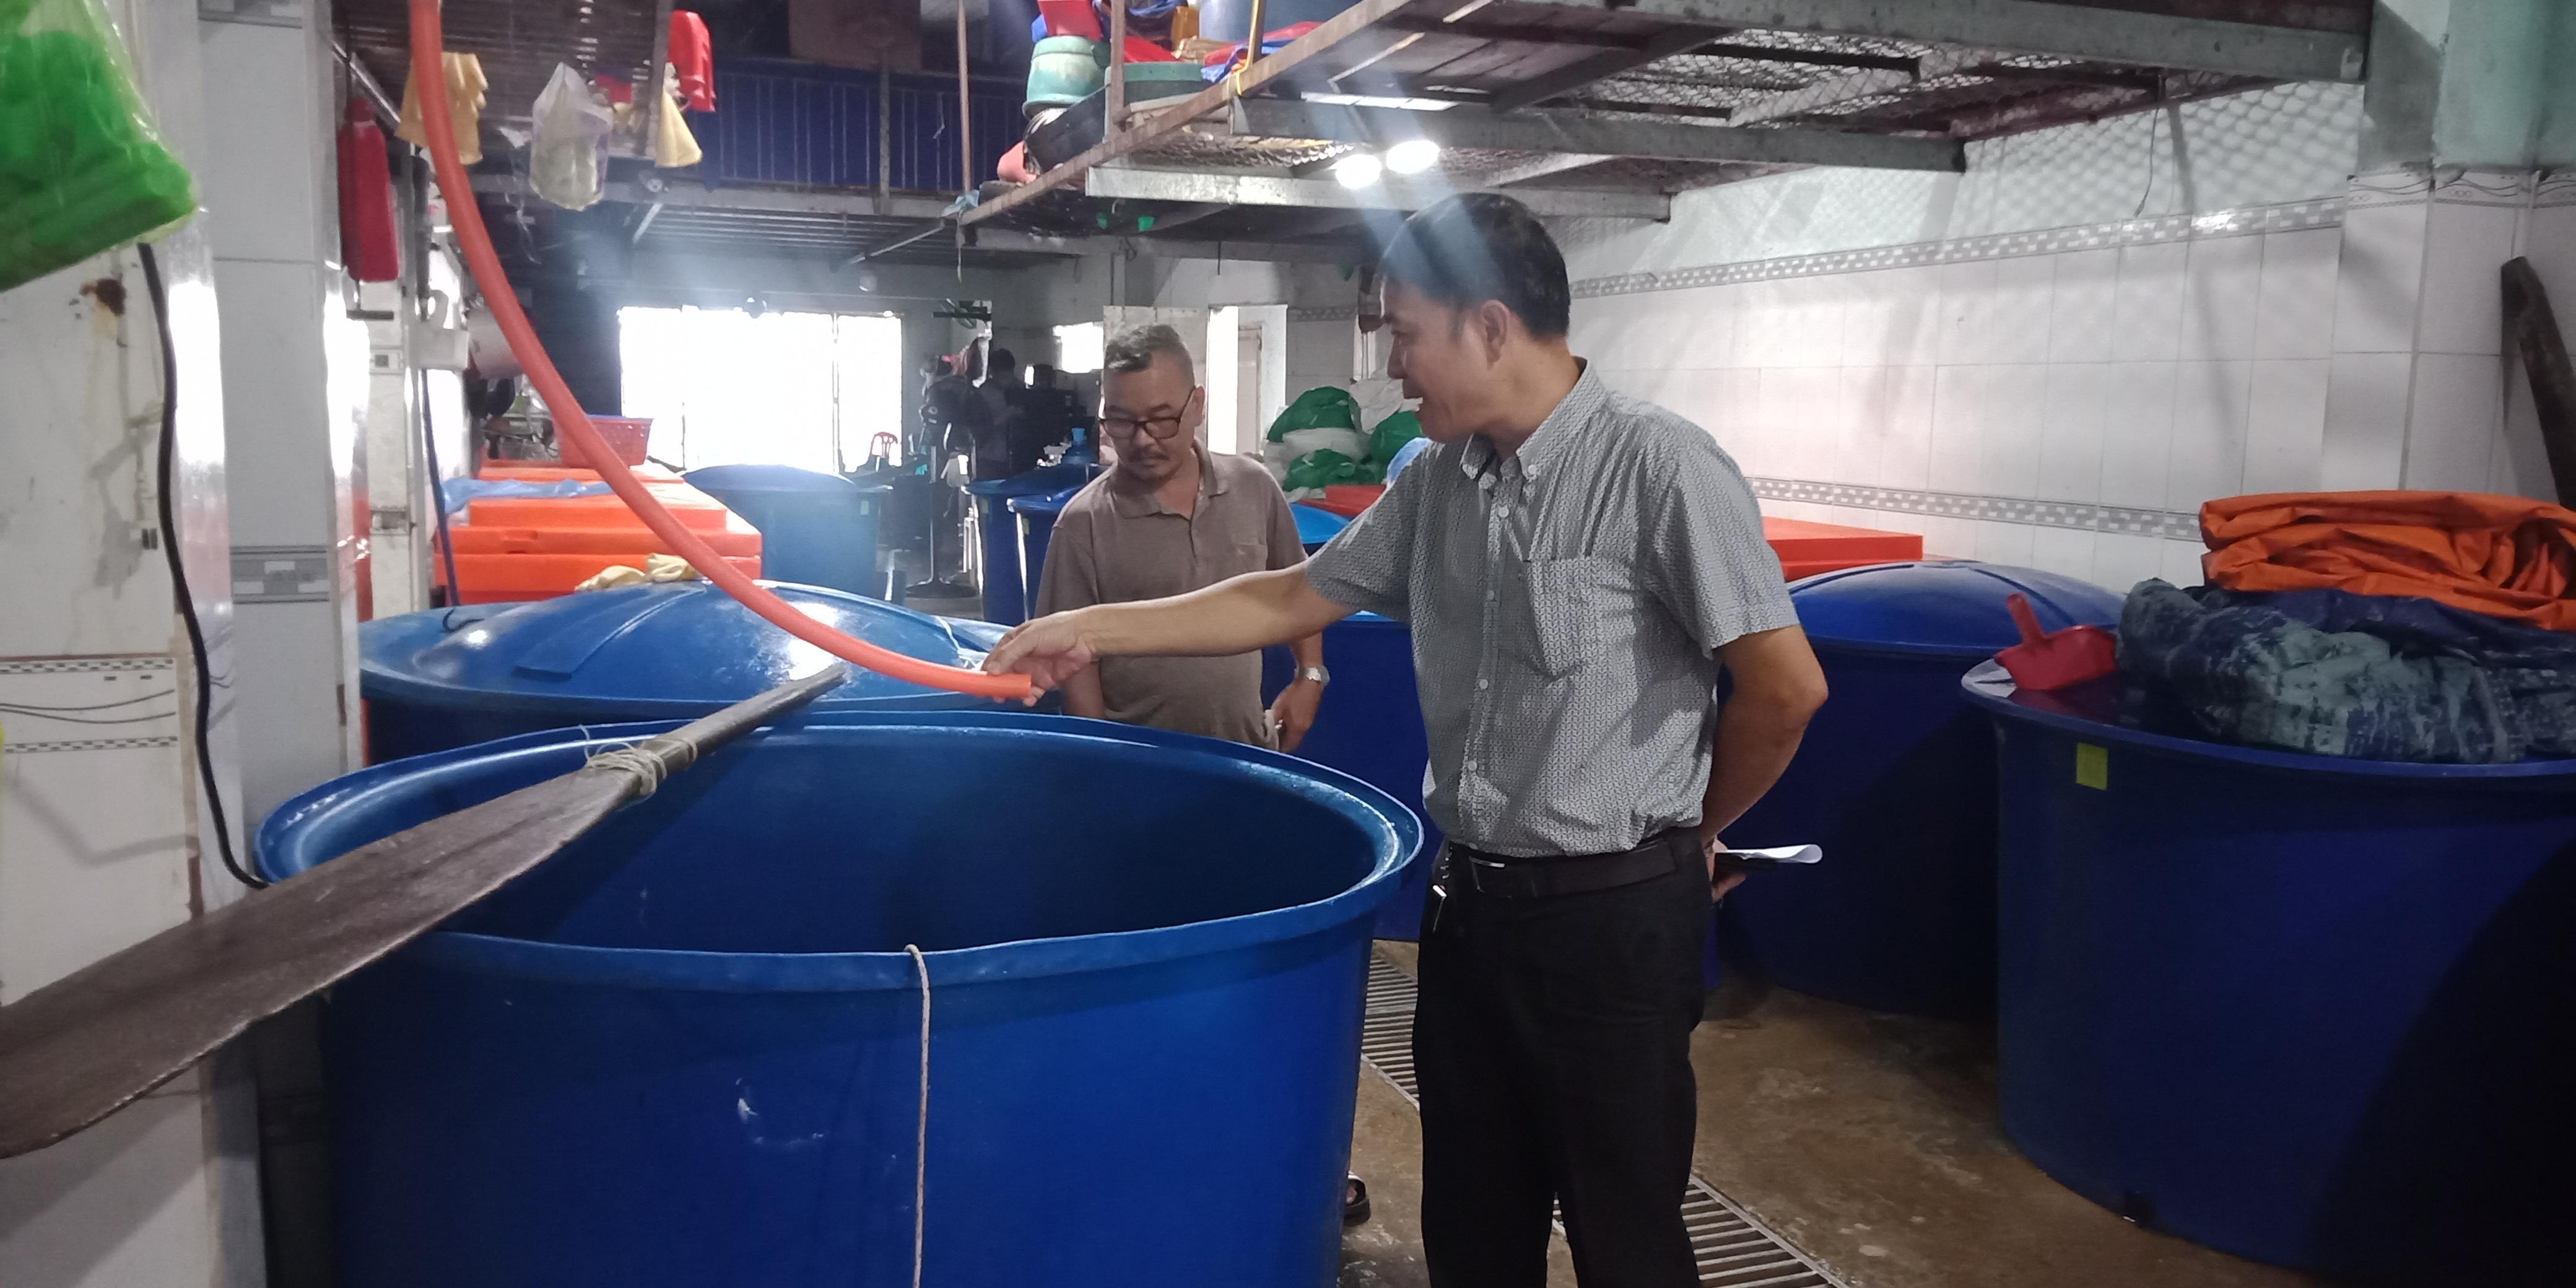 Cơ sở chế biến cá bò xả thải trực tiếp ra môi trường